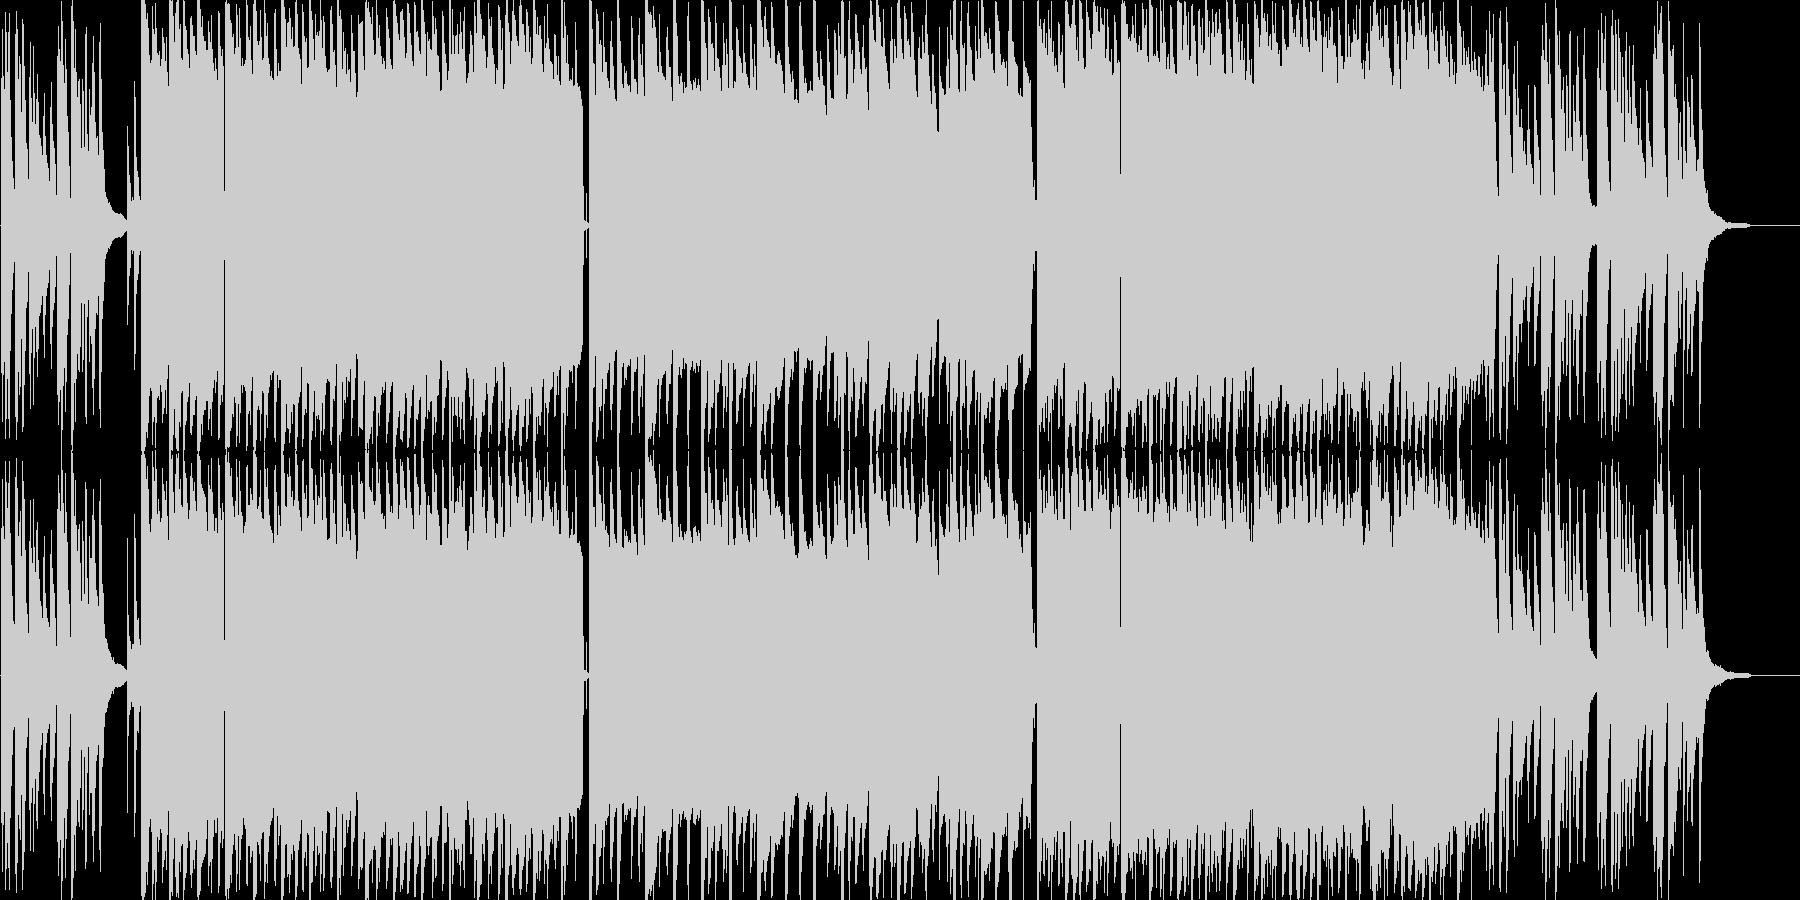 ゆったアジア感のあるピアノのバラードの未再生の波形